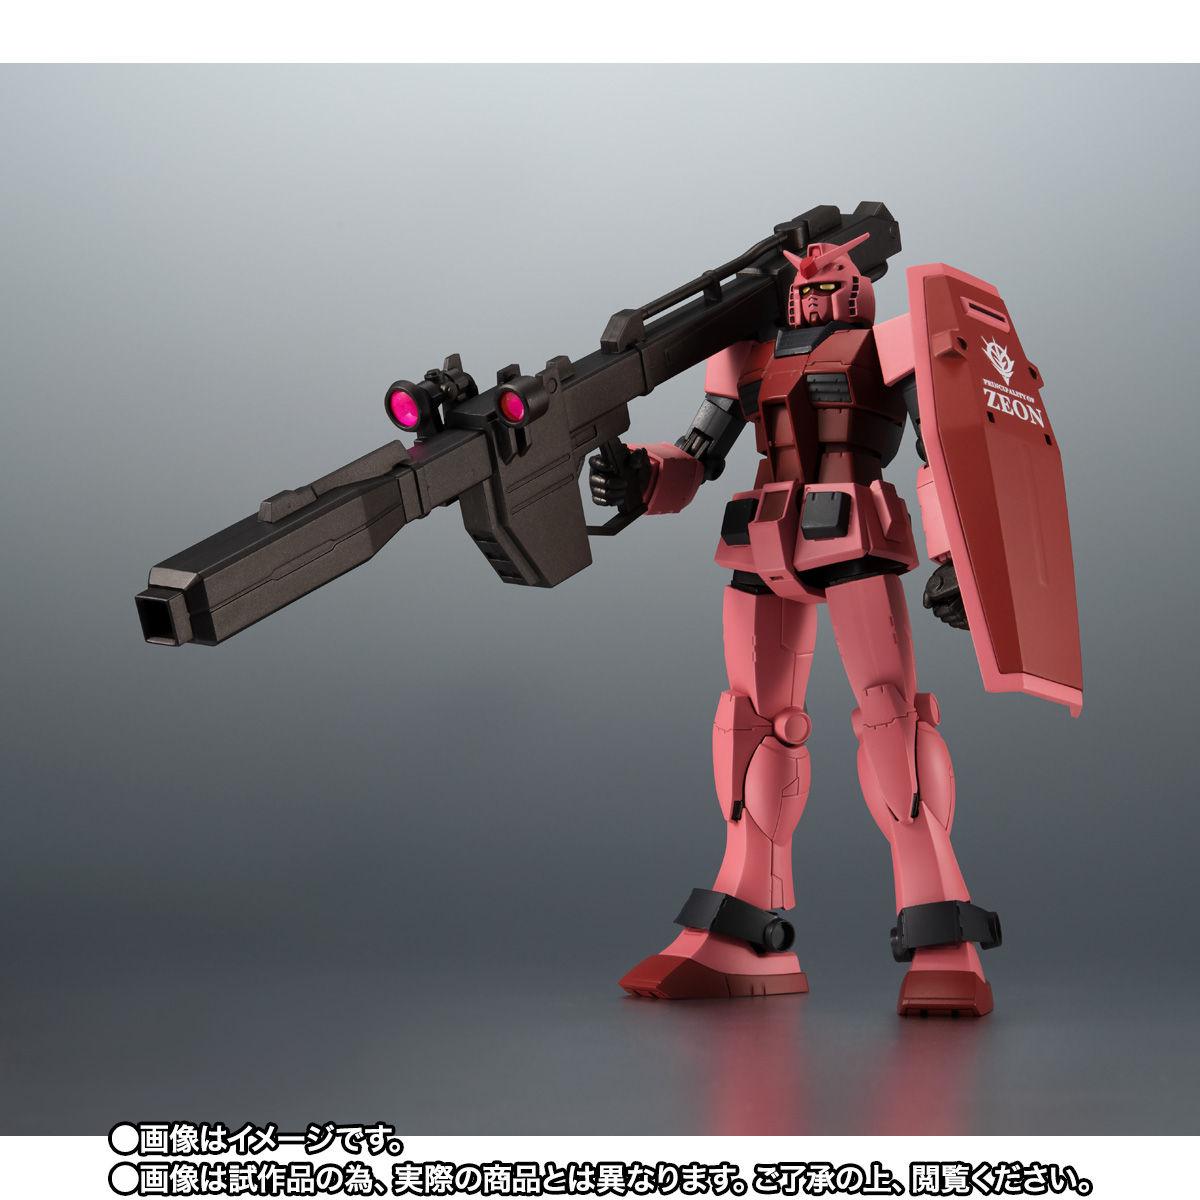 【限定販売】ROBOT魂〈SIDE MS〉『RX-78/C.A キャスバル専用ガンダム ver. A.N.I.M.E.』ギレンの野望 可動フィギュア-003